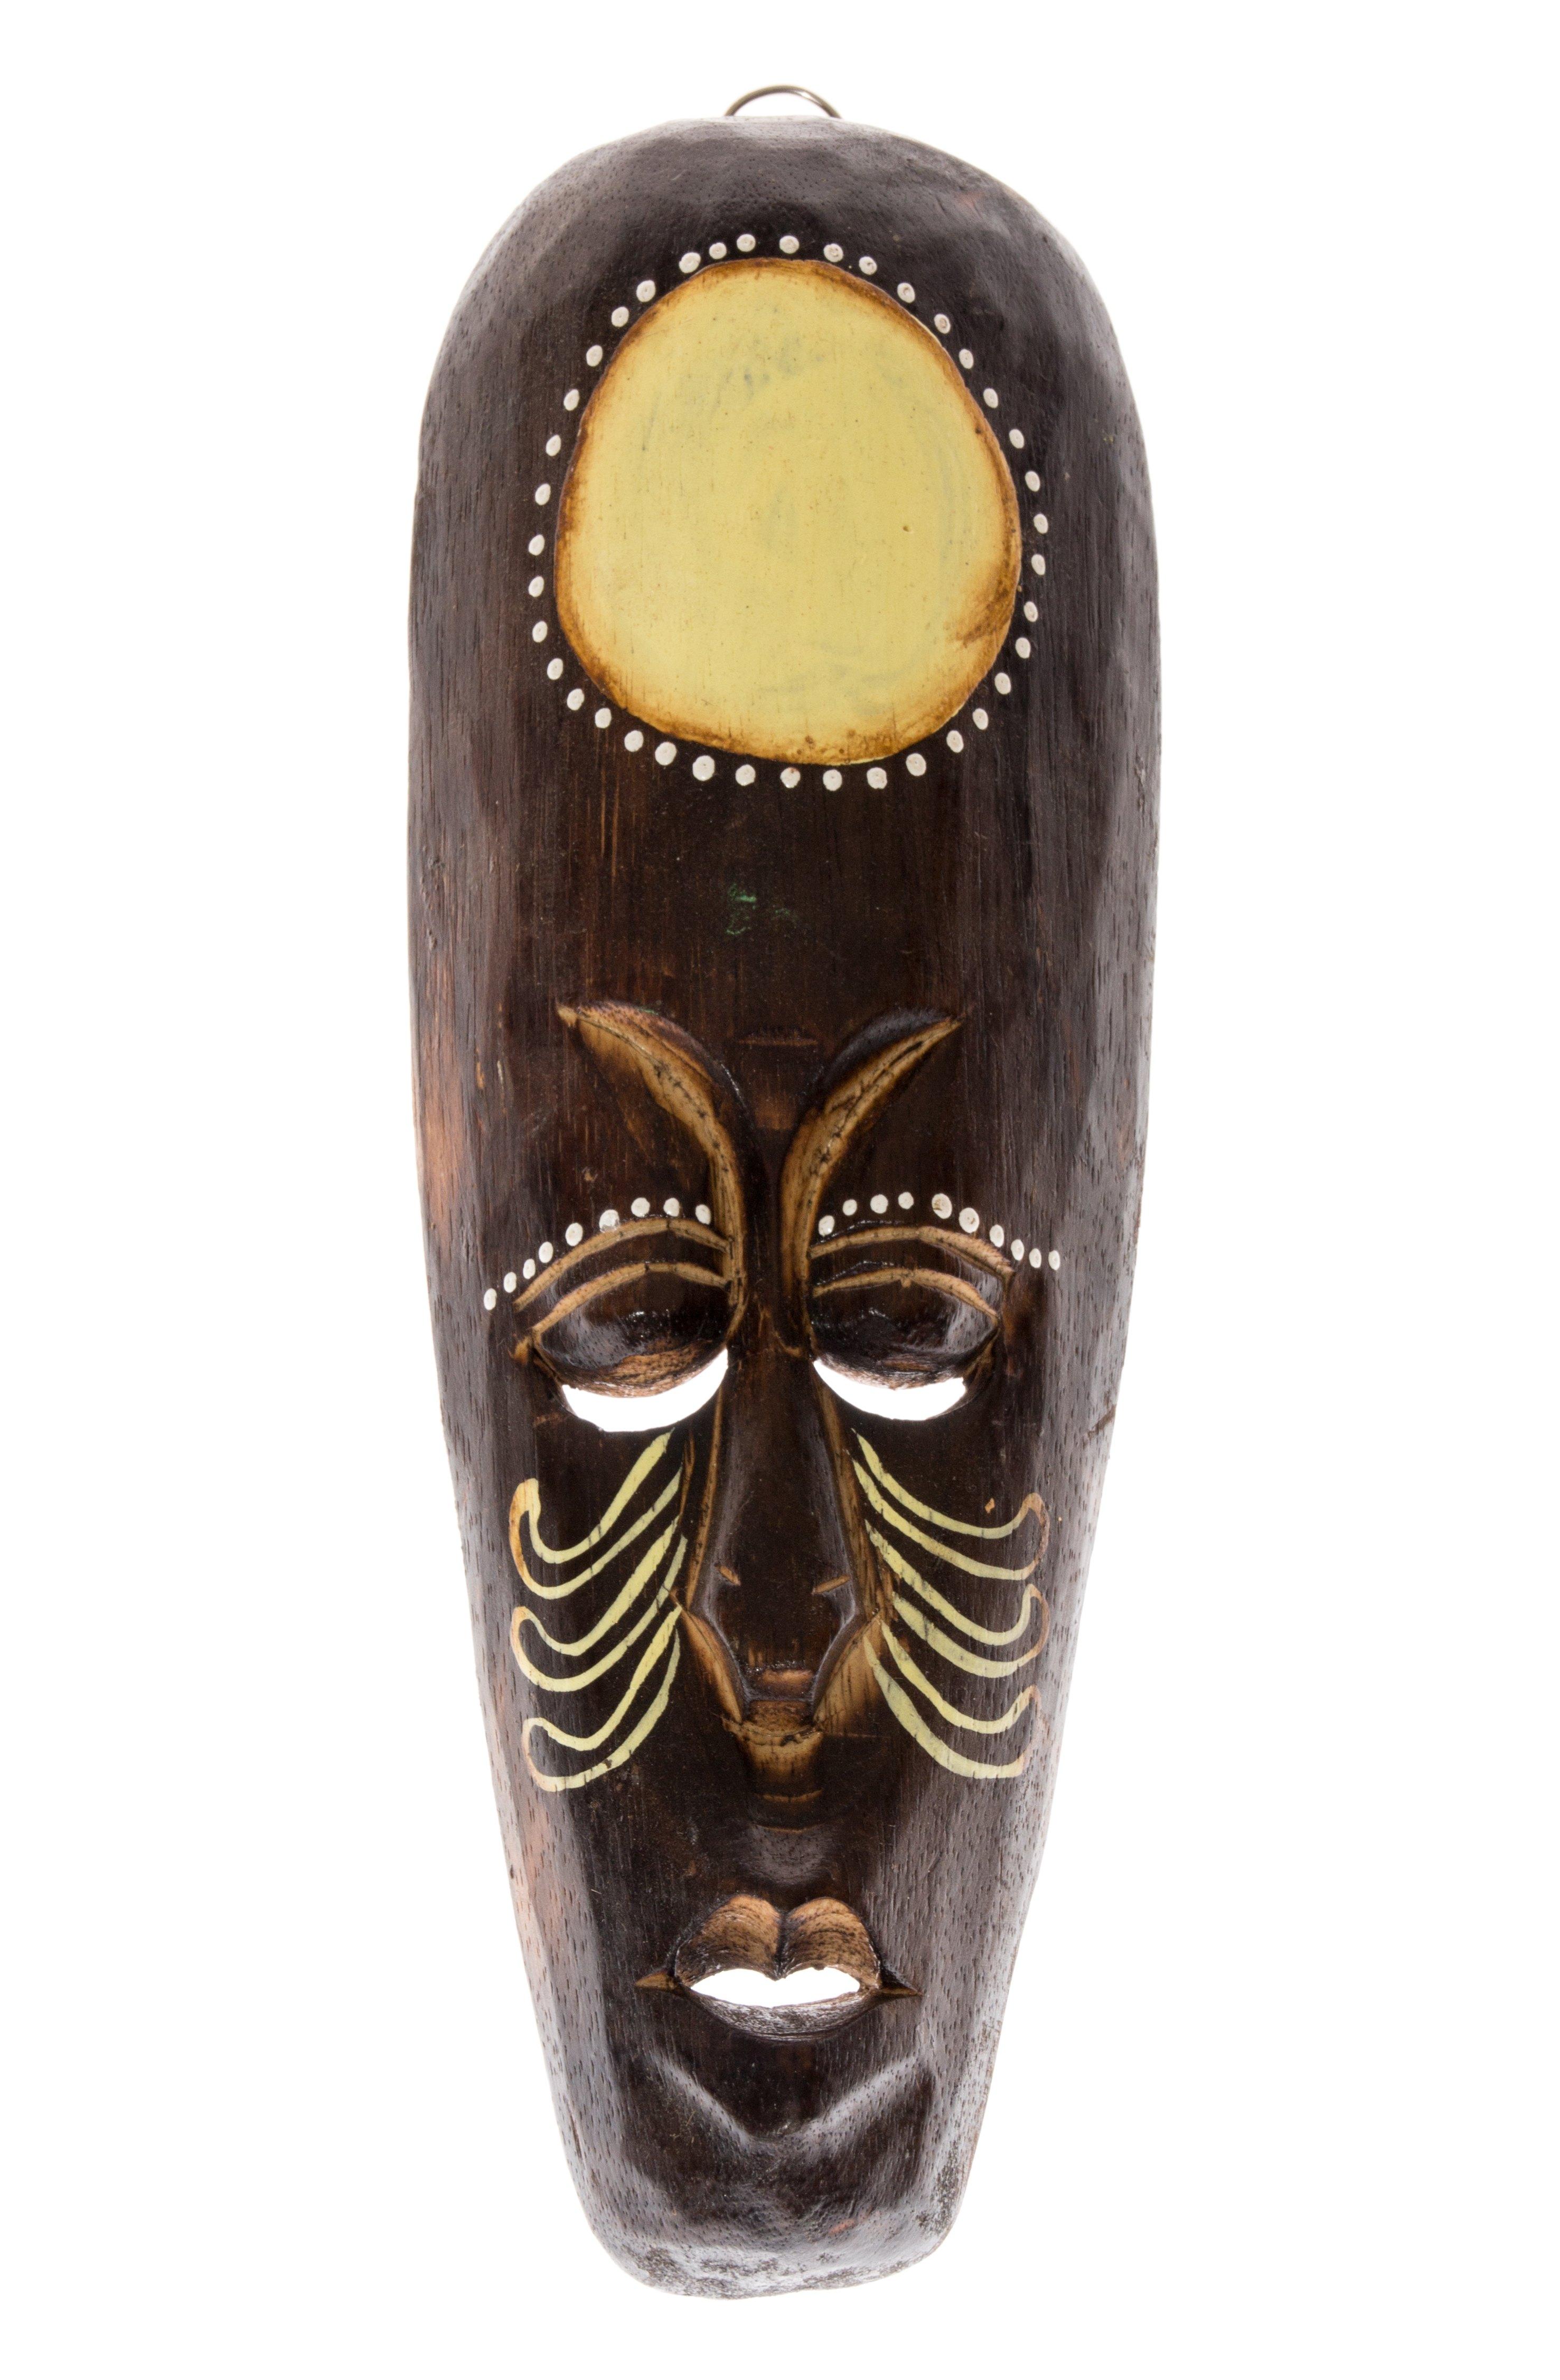 30cm holz maske holzmaske wandbehang skulptur bali afrika art deko hm3000022. Black Bedroom Furniture Sets. Home Design Ideas